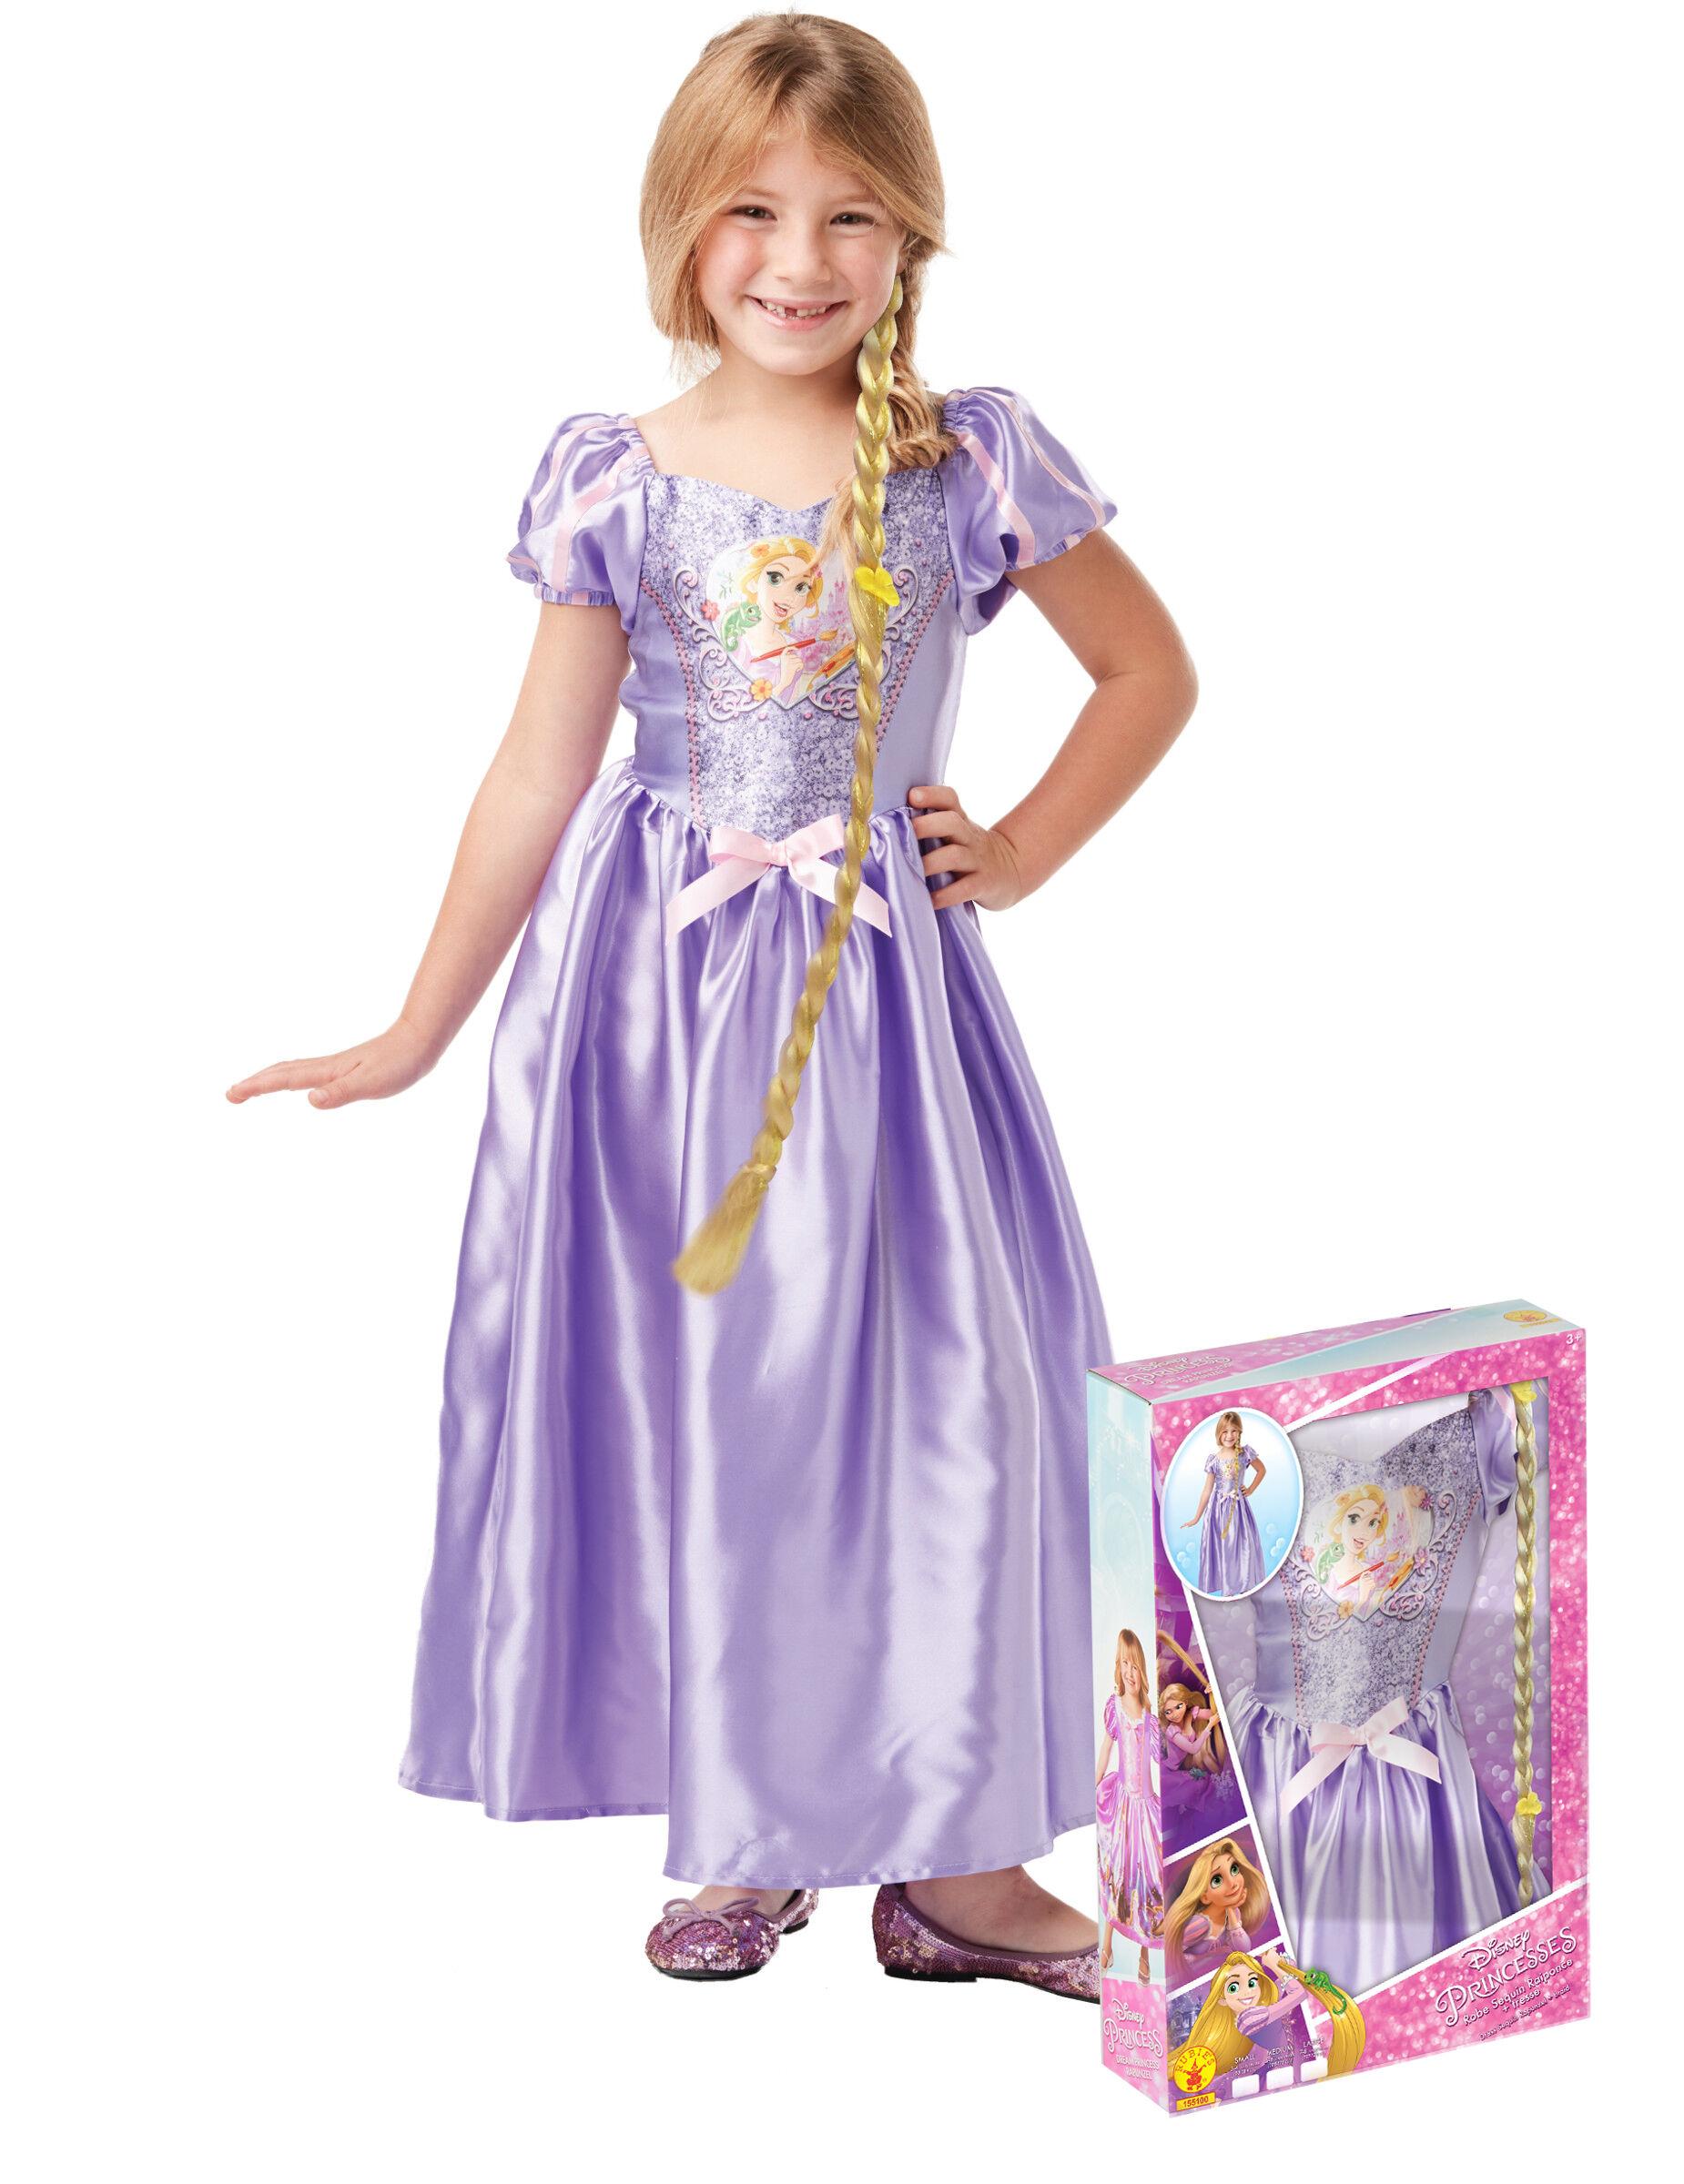 VegaooParty Coffret princesse Raiponce avec sequins et tresses fille - Taille: 3 à 4 ans (90 à 104 cm)